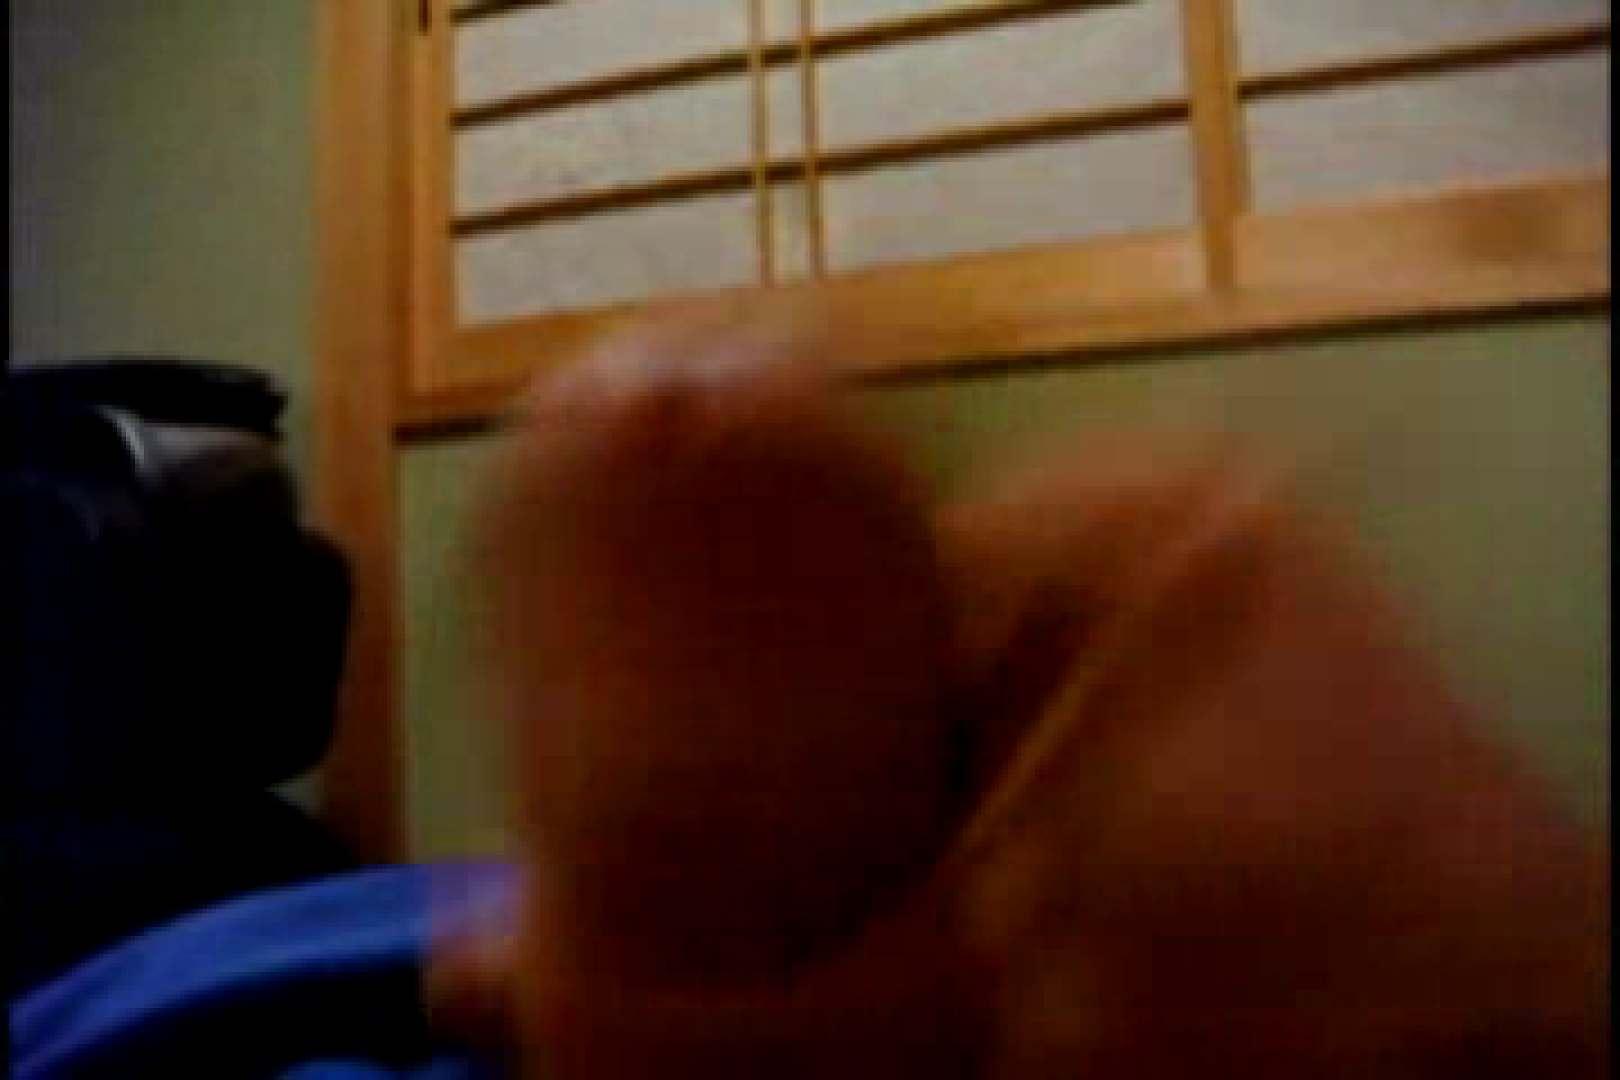 オナ好きノンケテニス部員の自画撮り投稿vol.02 射精 | 愛するノンケ  9枚 7